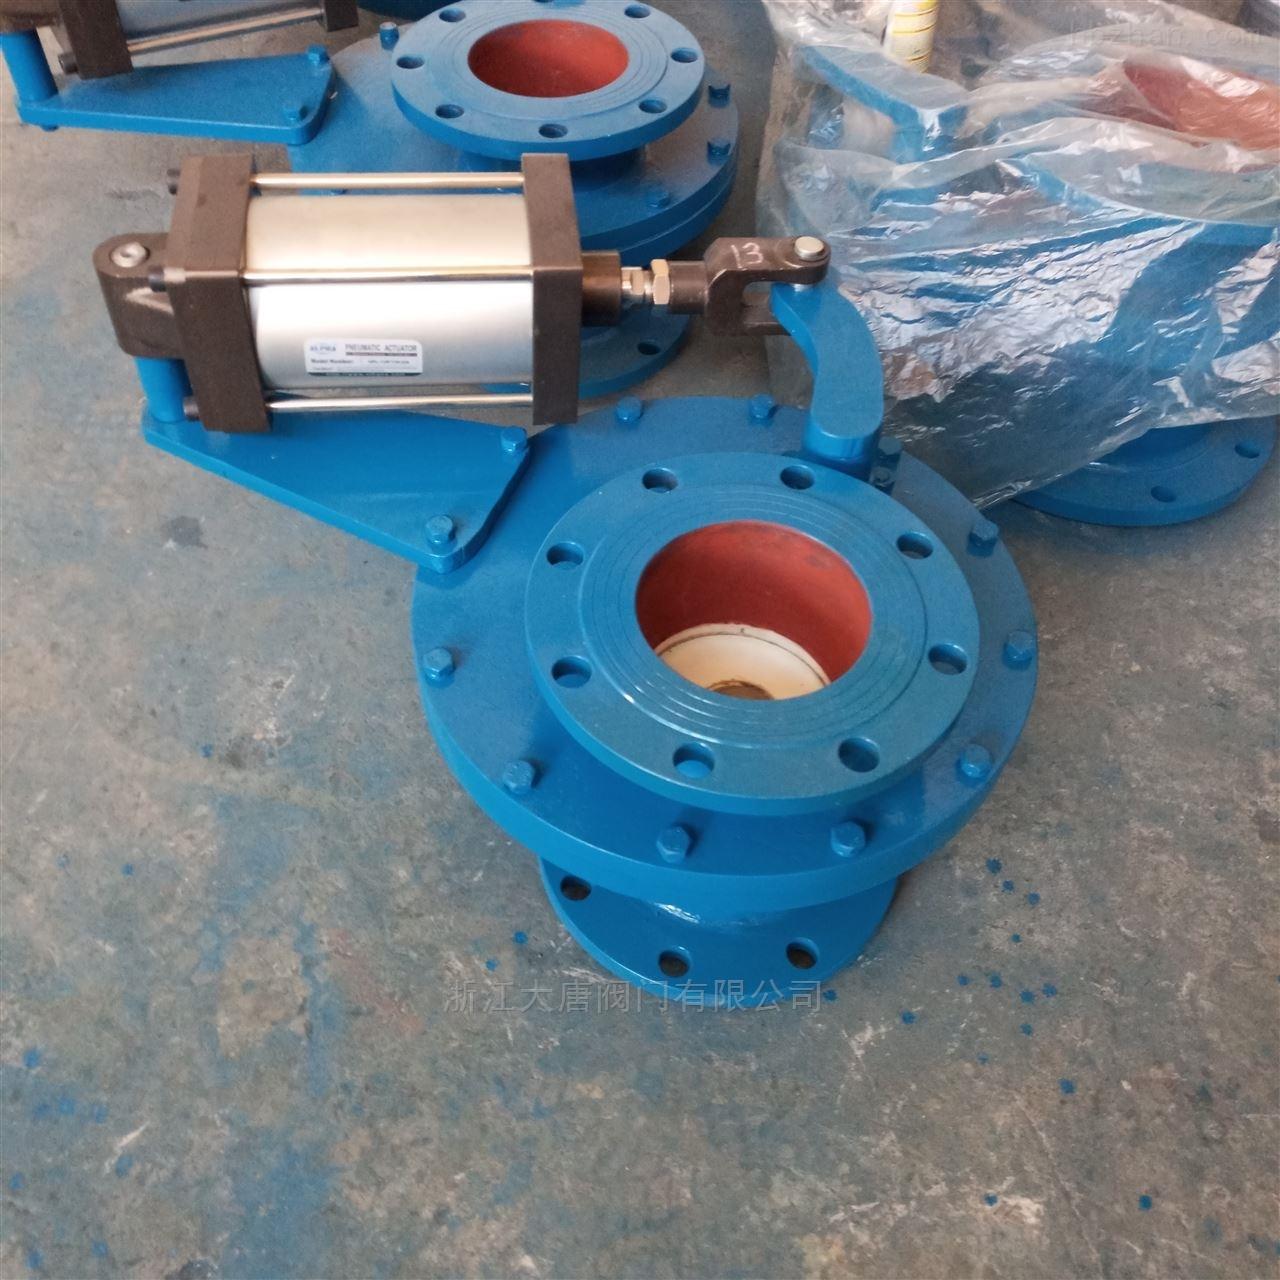 耐磨陶瓷旋转阀供应